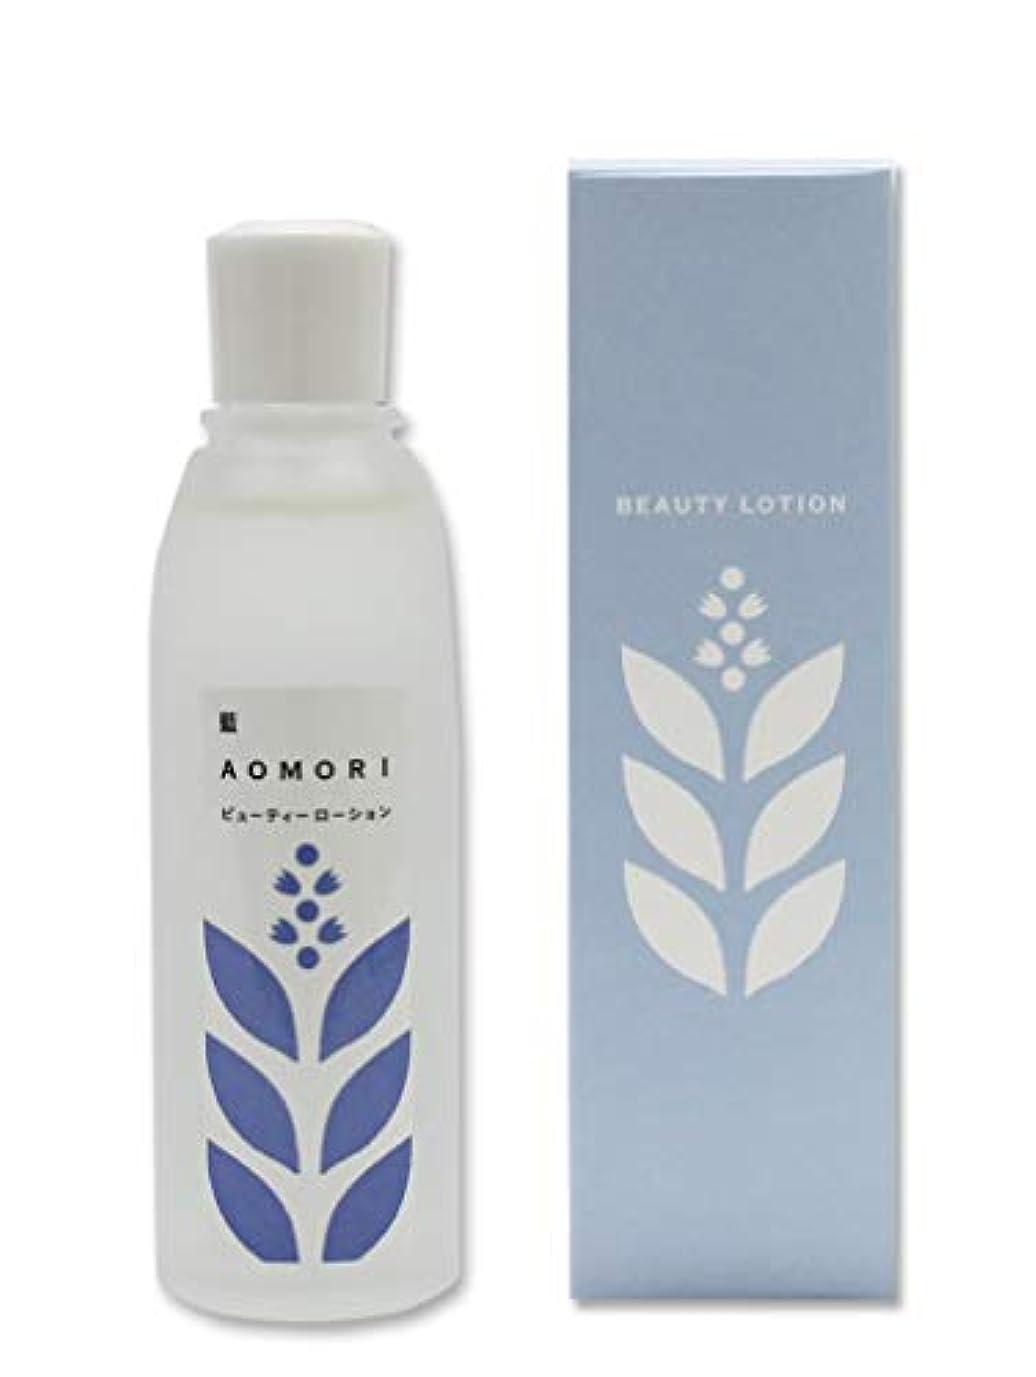 パッド処方する田舎藍 AOMORI(アイ アオモリ) ビューティローション 化粧水 120ml